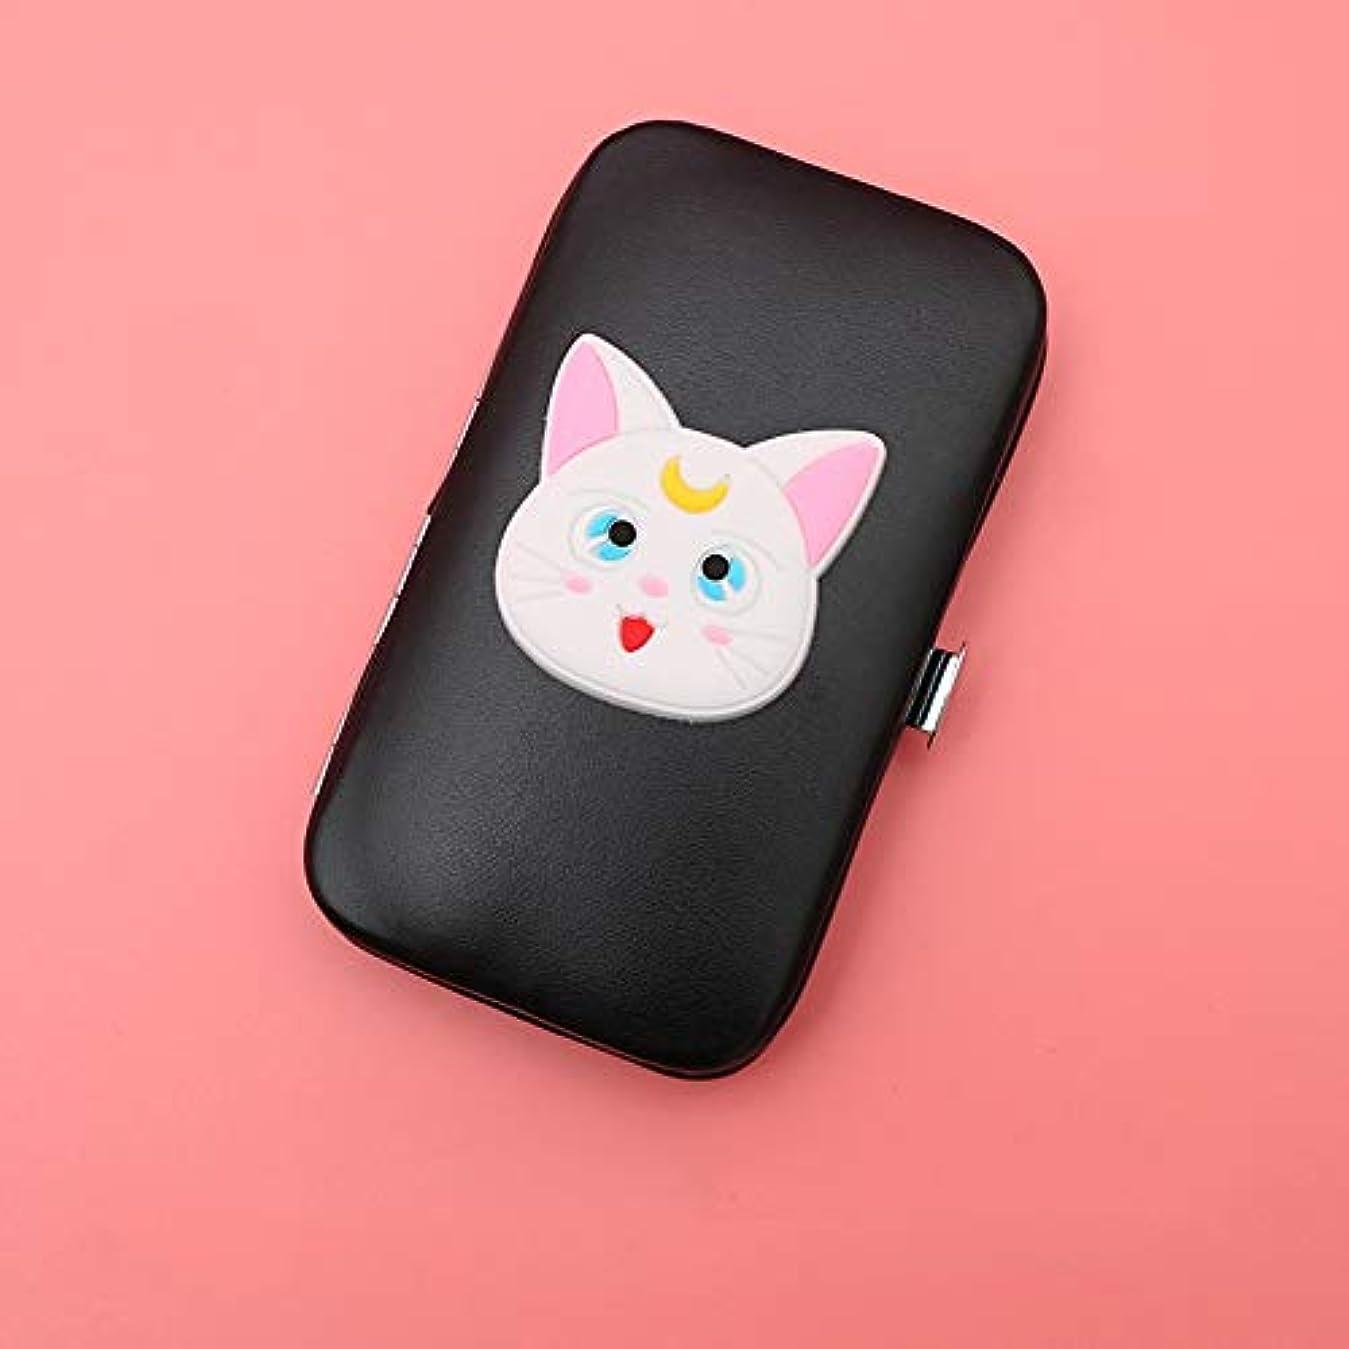 ネクタイミサイル不健康ネイルクリッパー7点セット、ネイルビューティーツールセット、女の子漫画ブラック箱入り(ホワイトムーン猫)用マニキュアキット